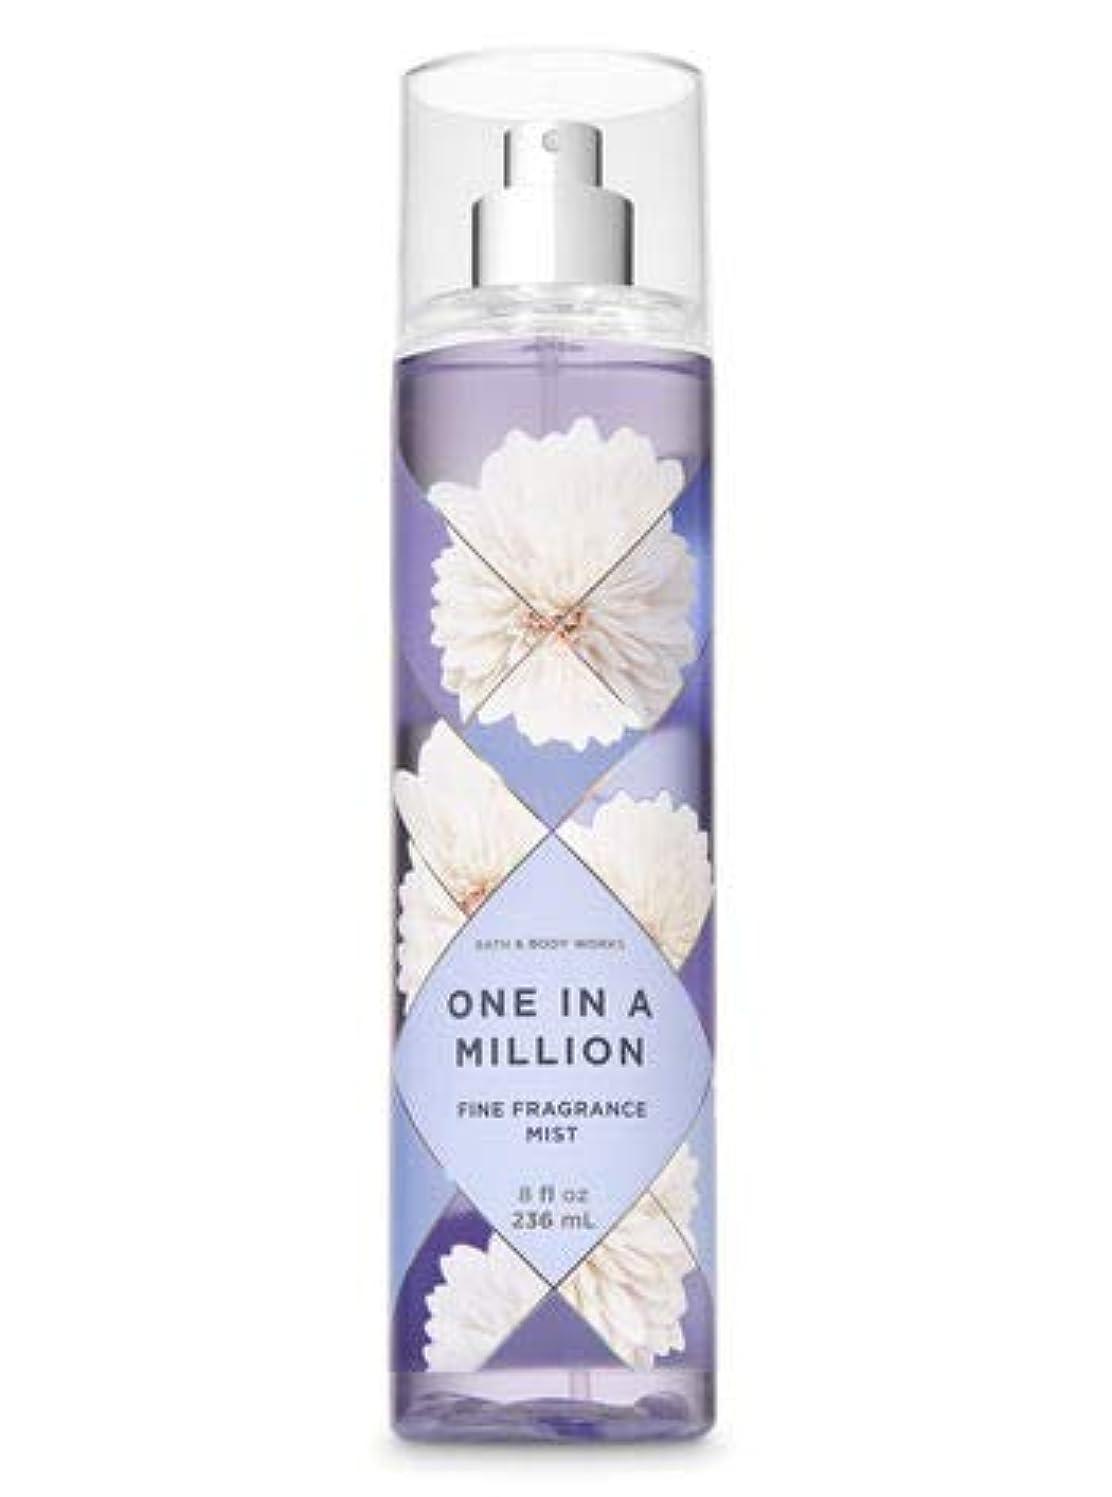 遠足モンクモンク【Bath&Body Works/バス&ボディワークス】 ファインフレグランスミスト ワンインアミリオン Fine Fragrance Mist One in a Million 8oz (236ml) [並行輸入品]